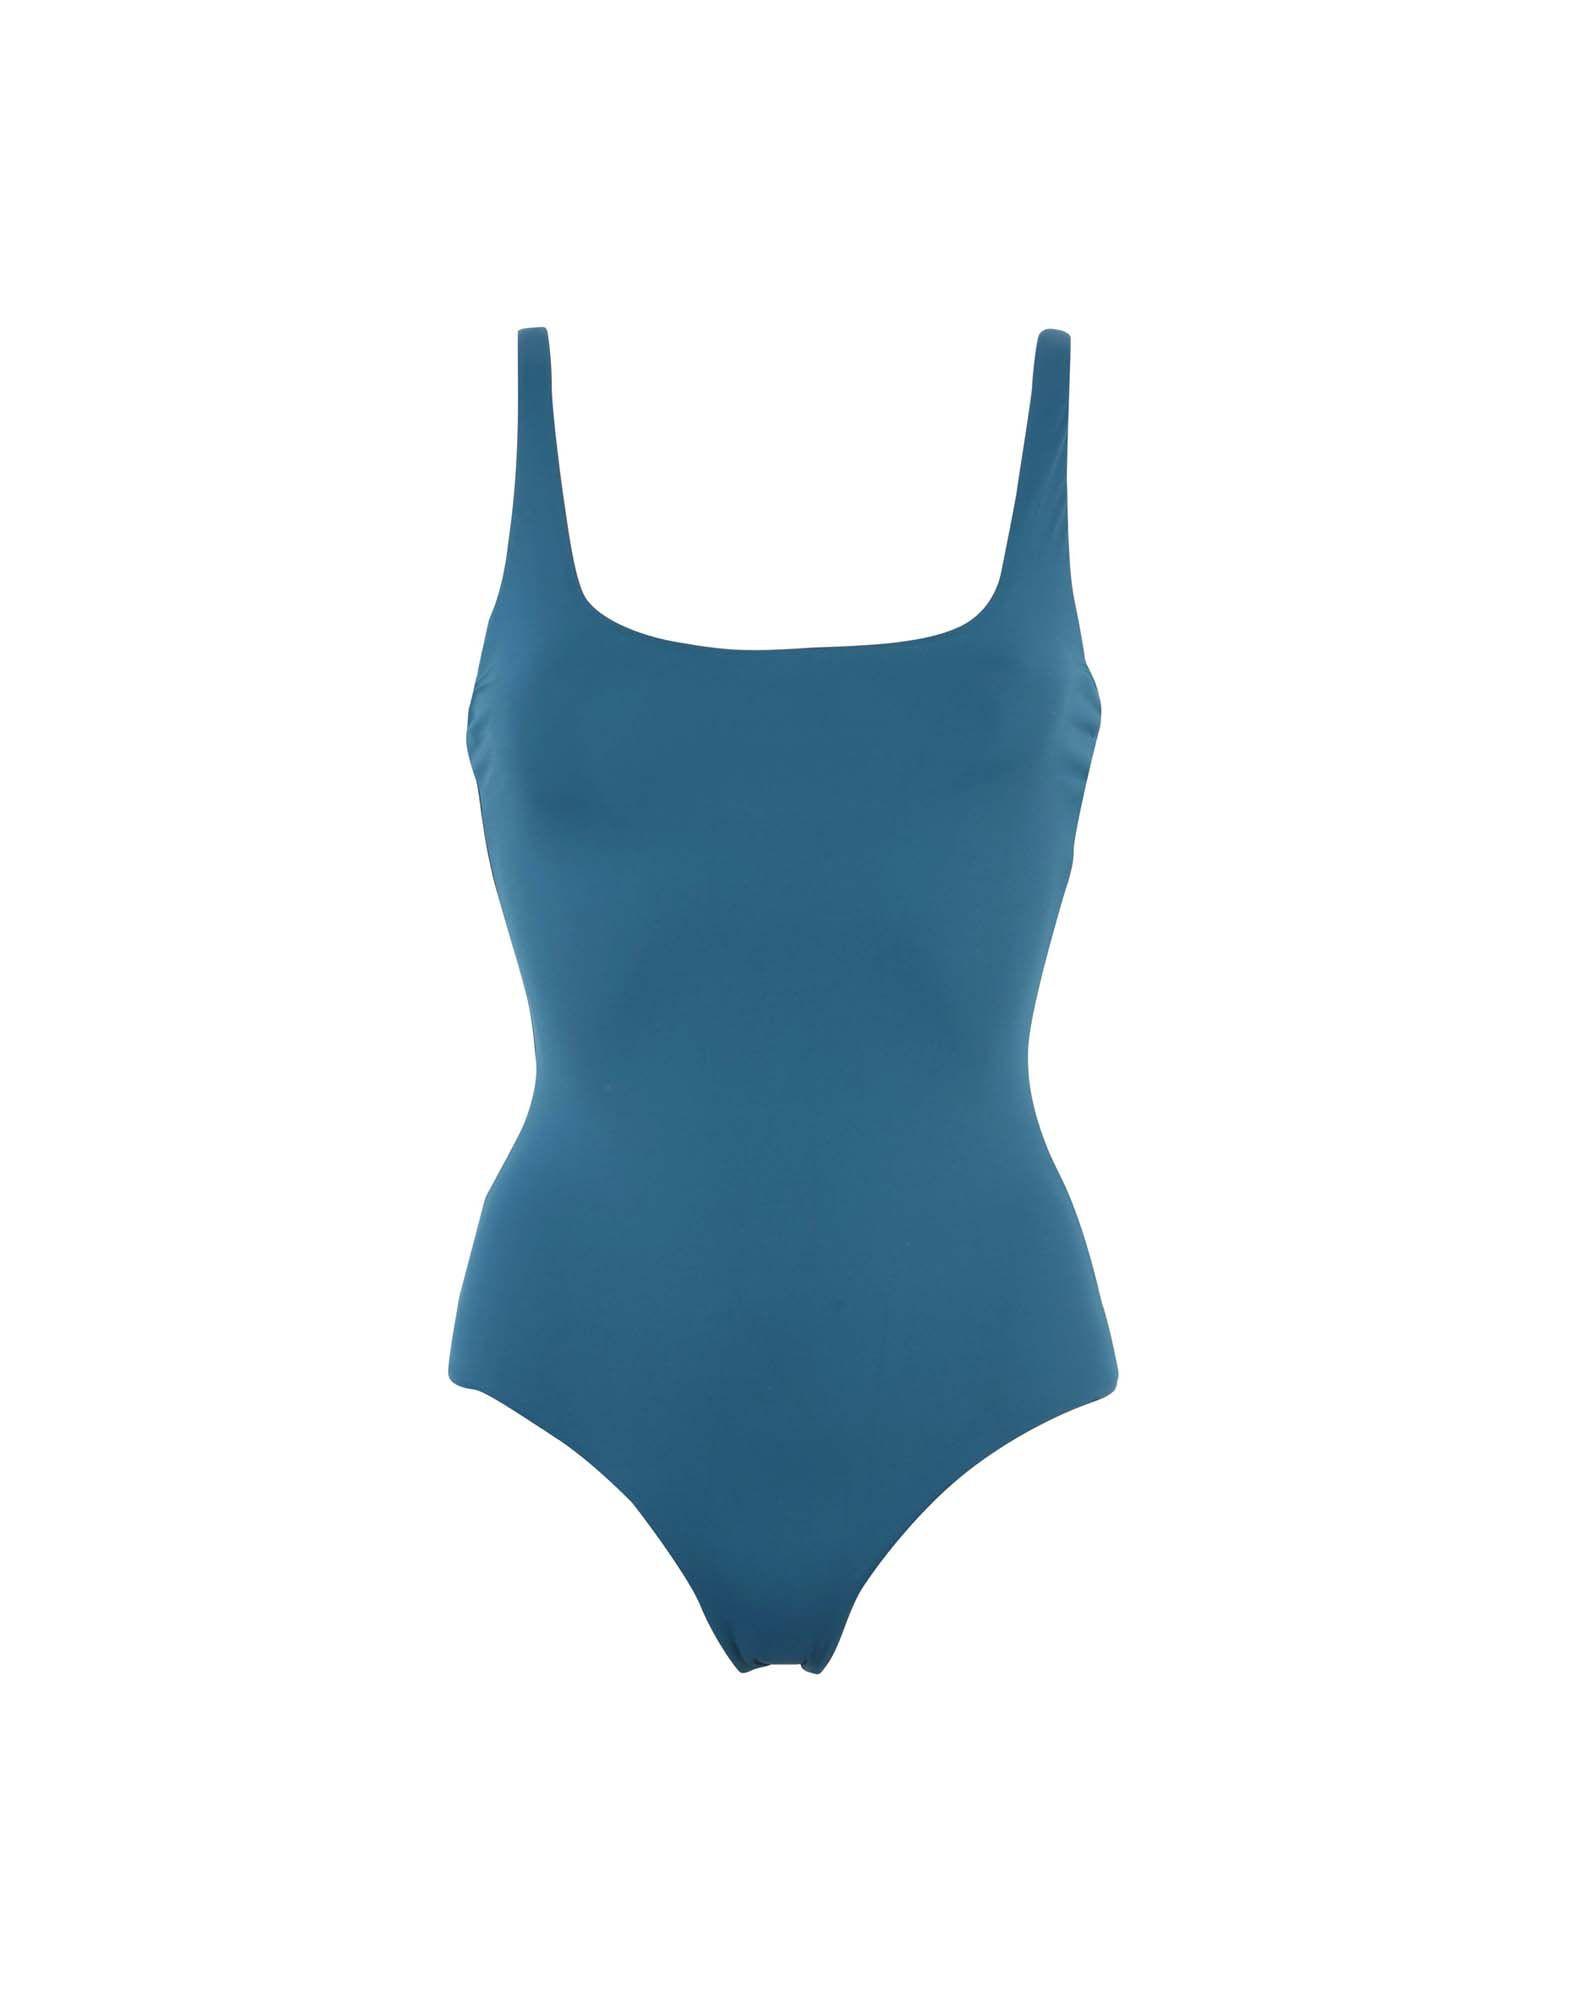 Costume Intero Albertine Nuage - Donna - Acquista online su zinzfp